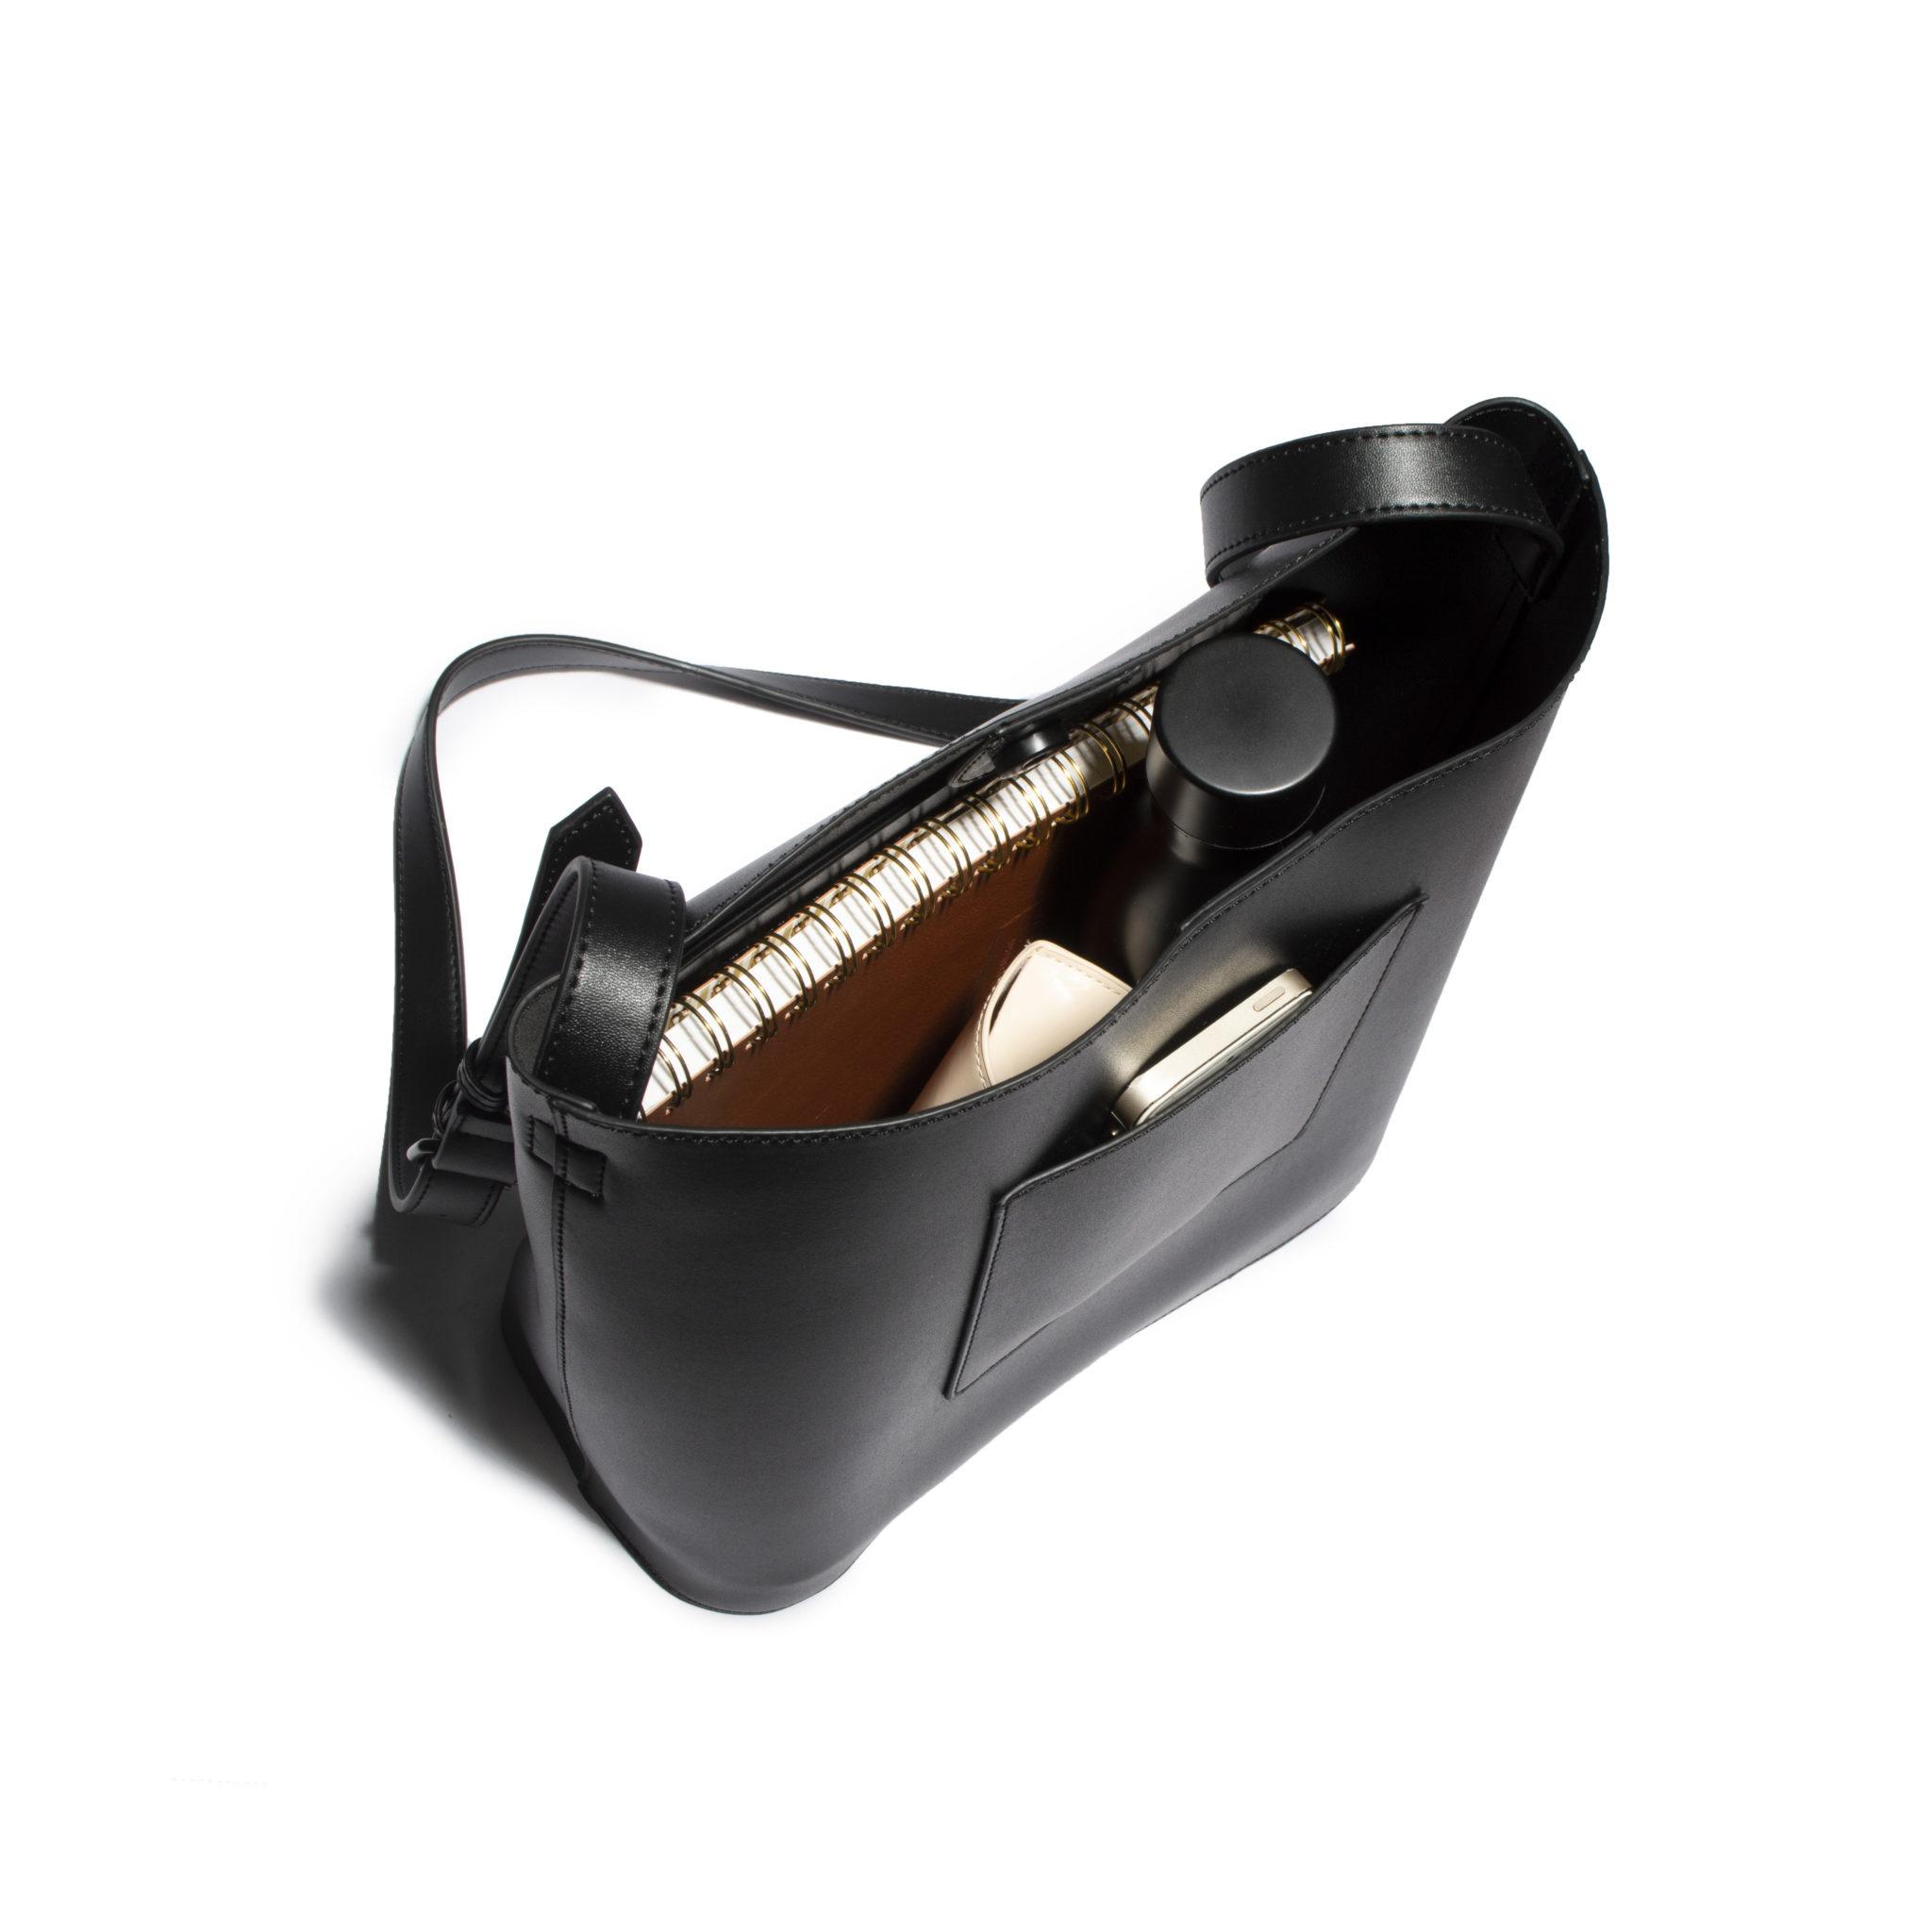 Trisha Crossbody Bag - Black-4